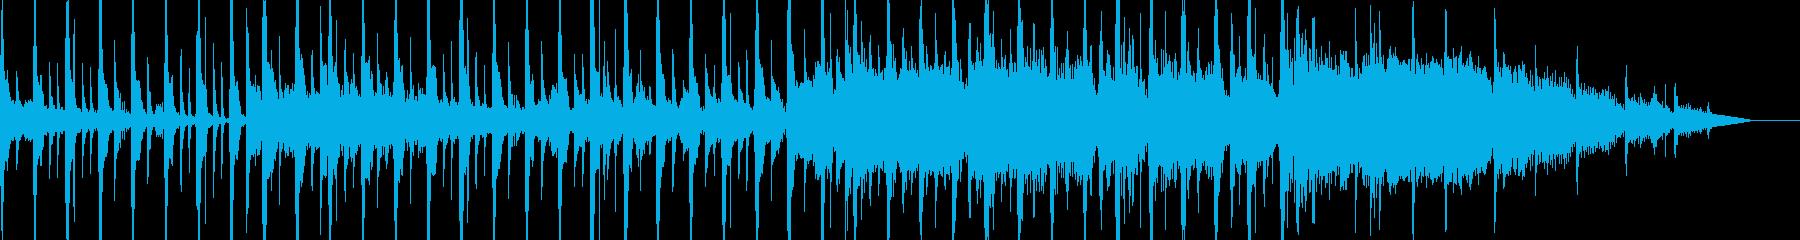 怪しい 疑念 思考 野望 エレクトロの再生済みの波形